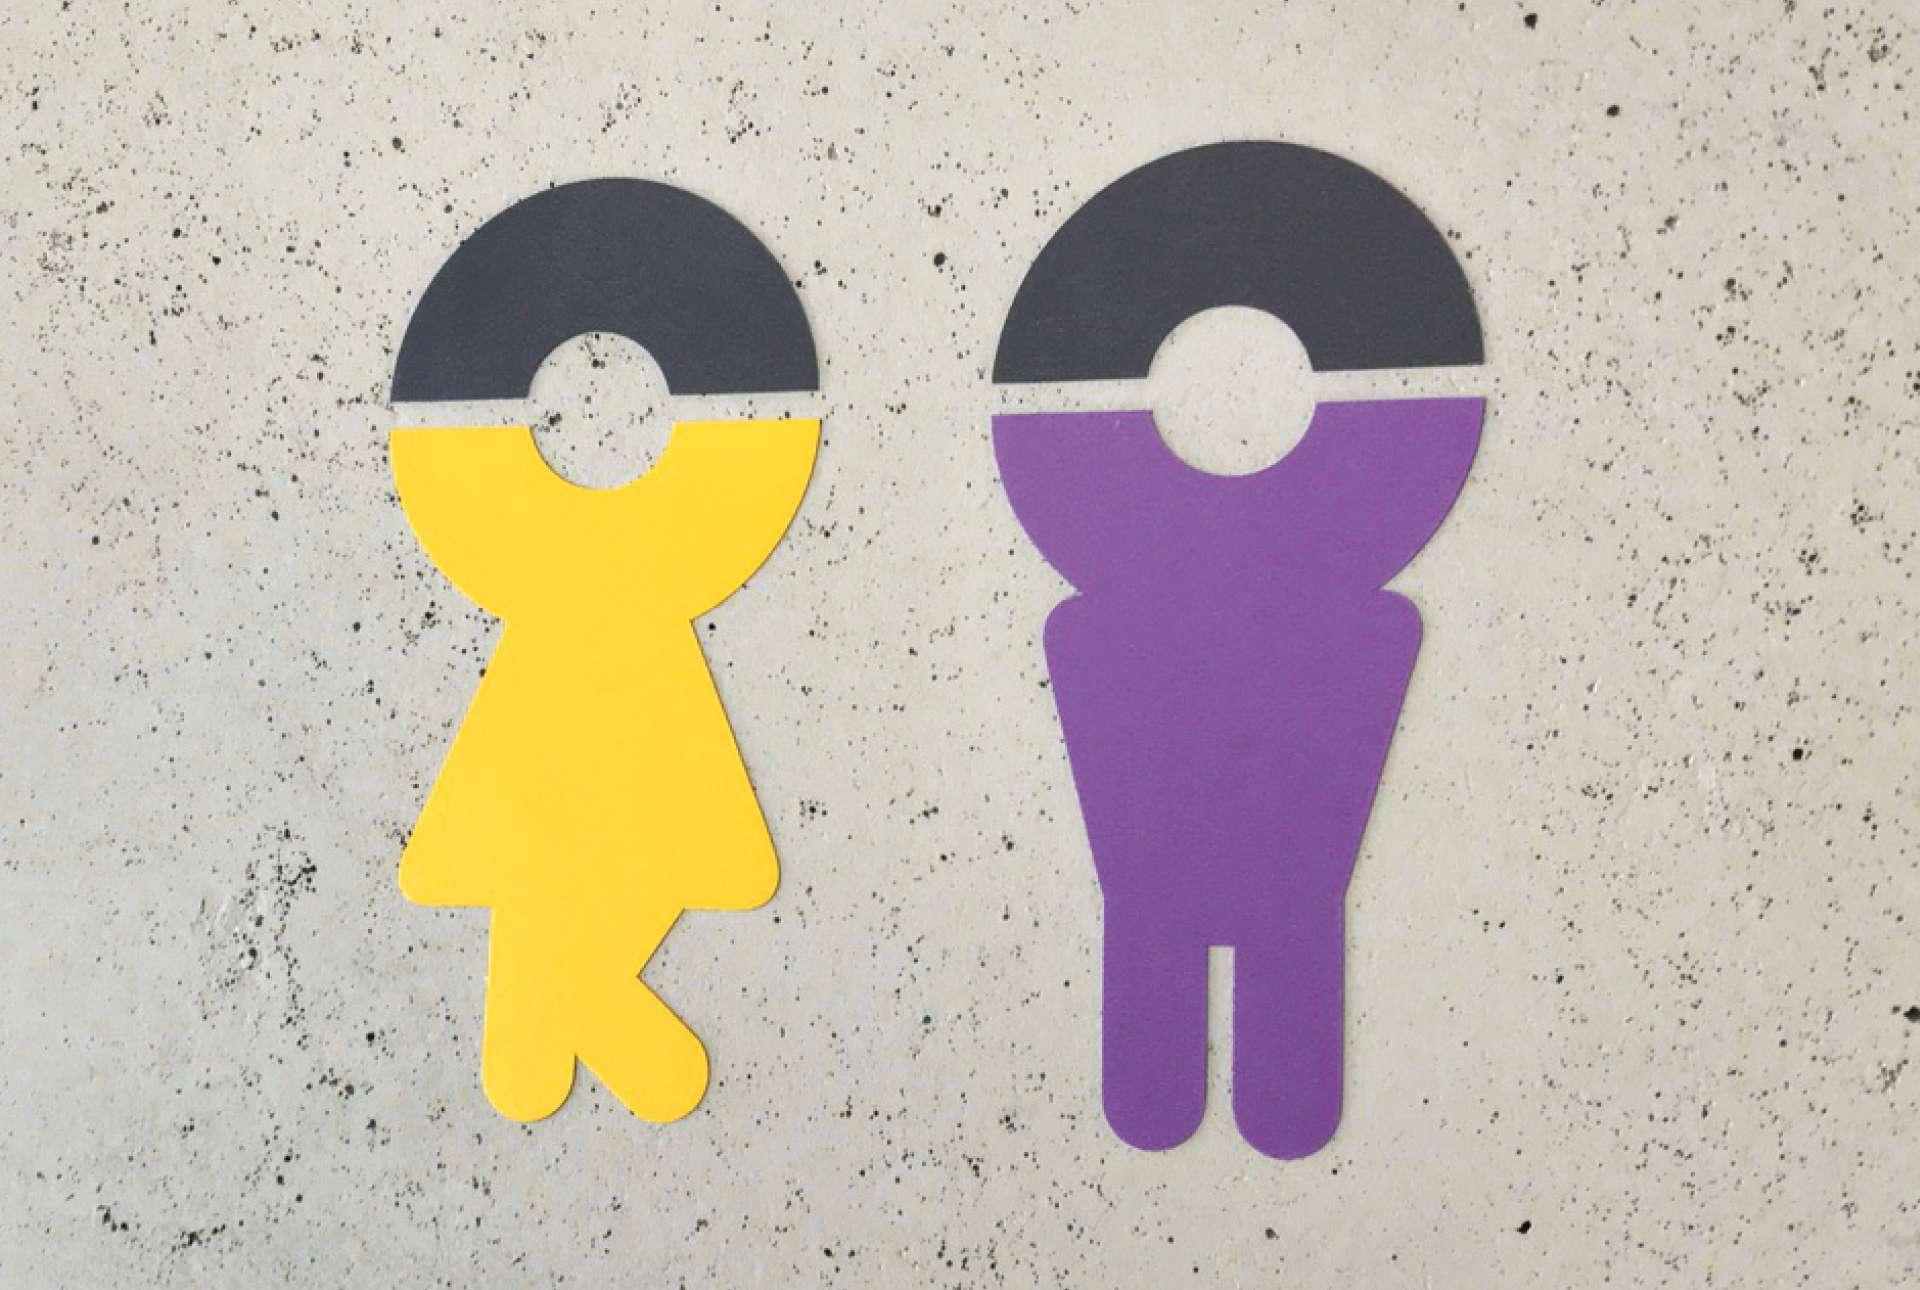 Pictogrammes signifiant les toilettes garçon et fille chez Vauban Luxembourg